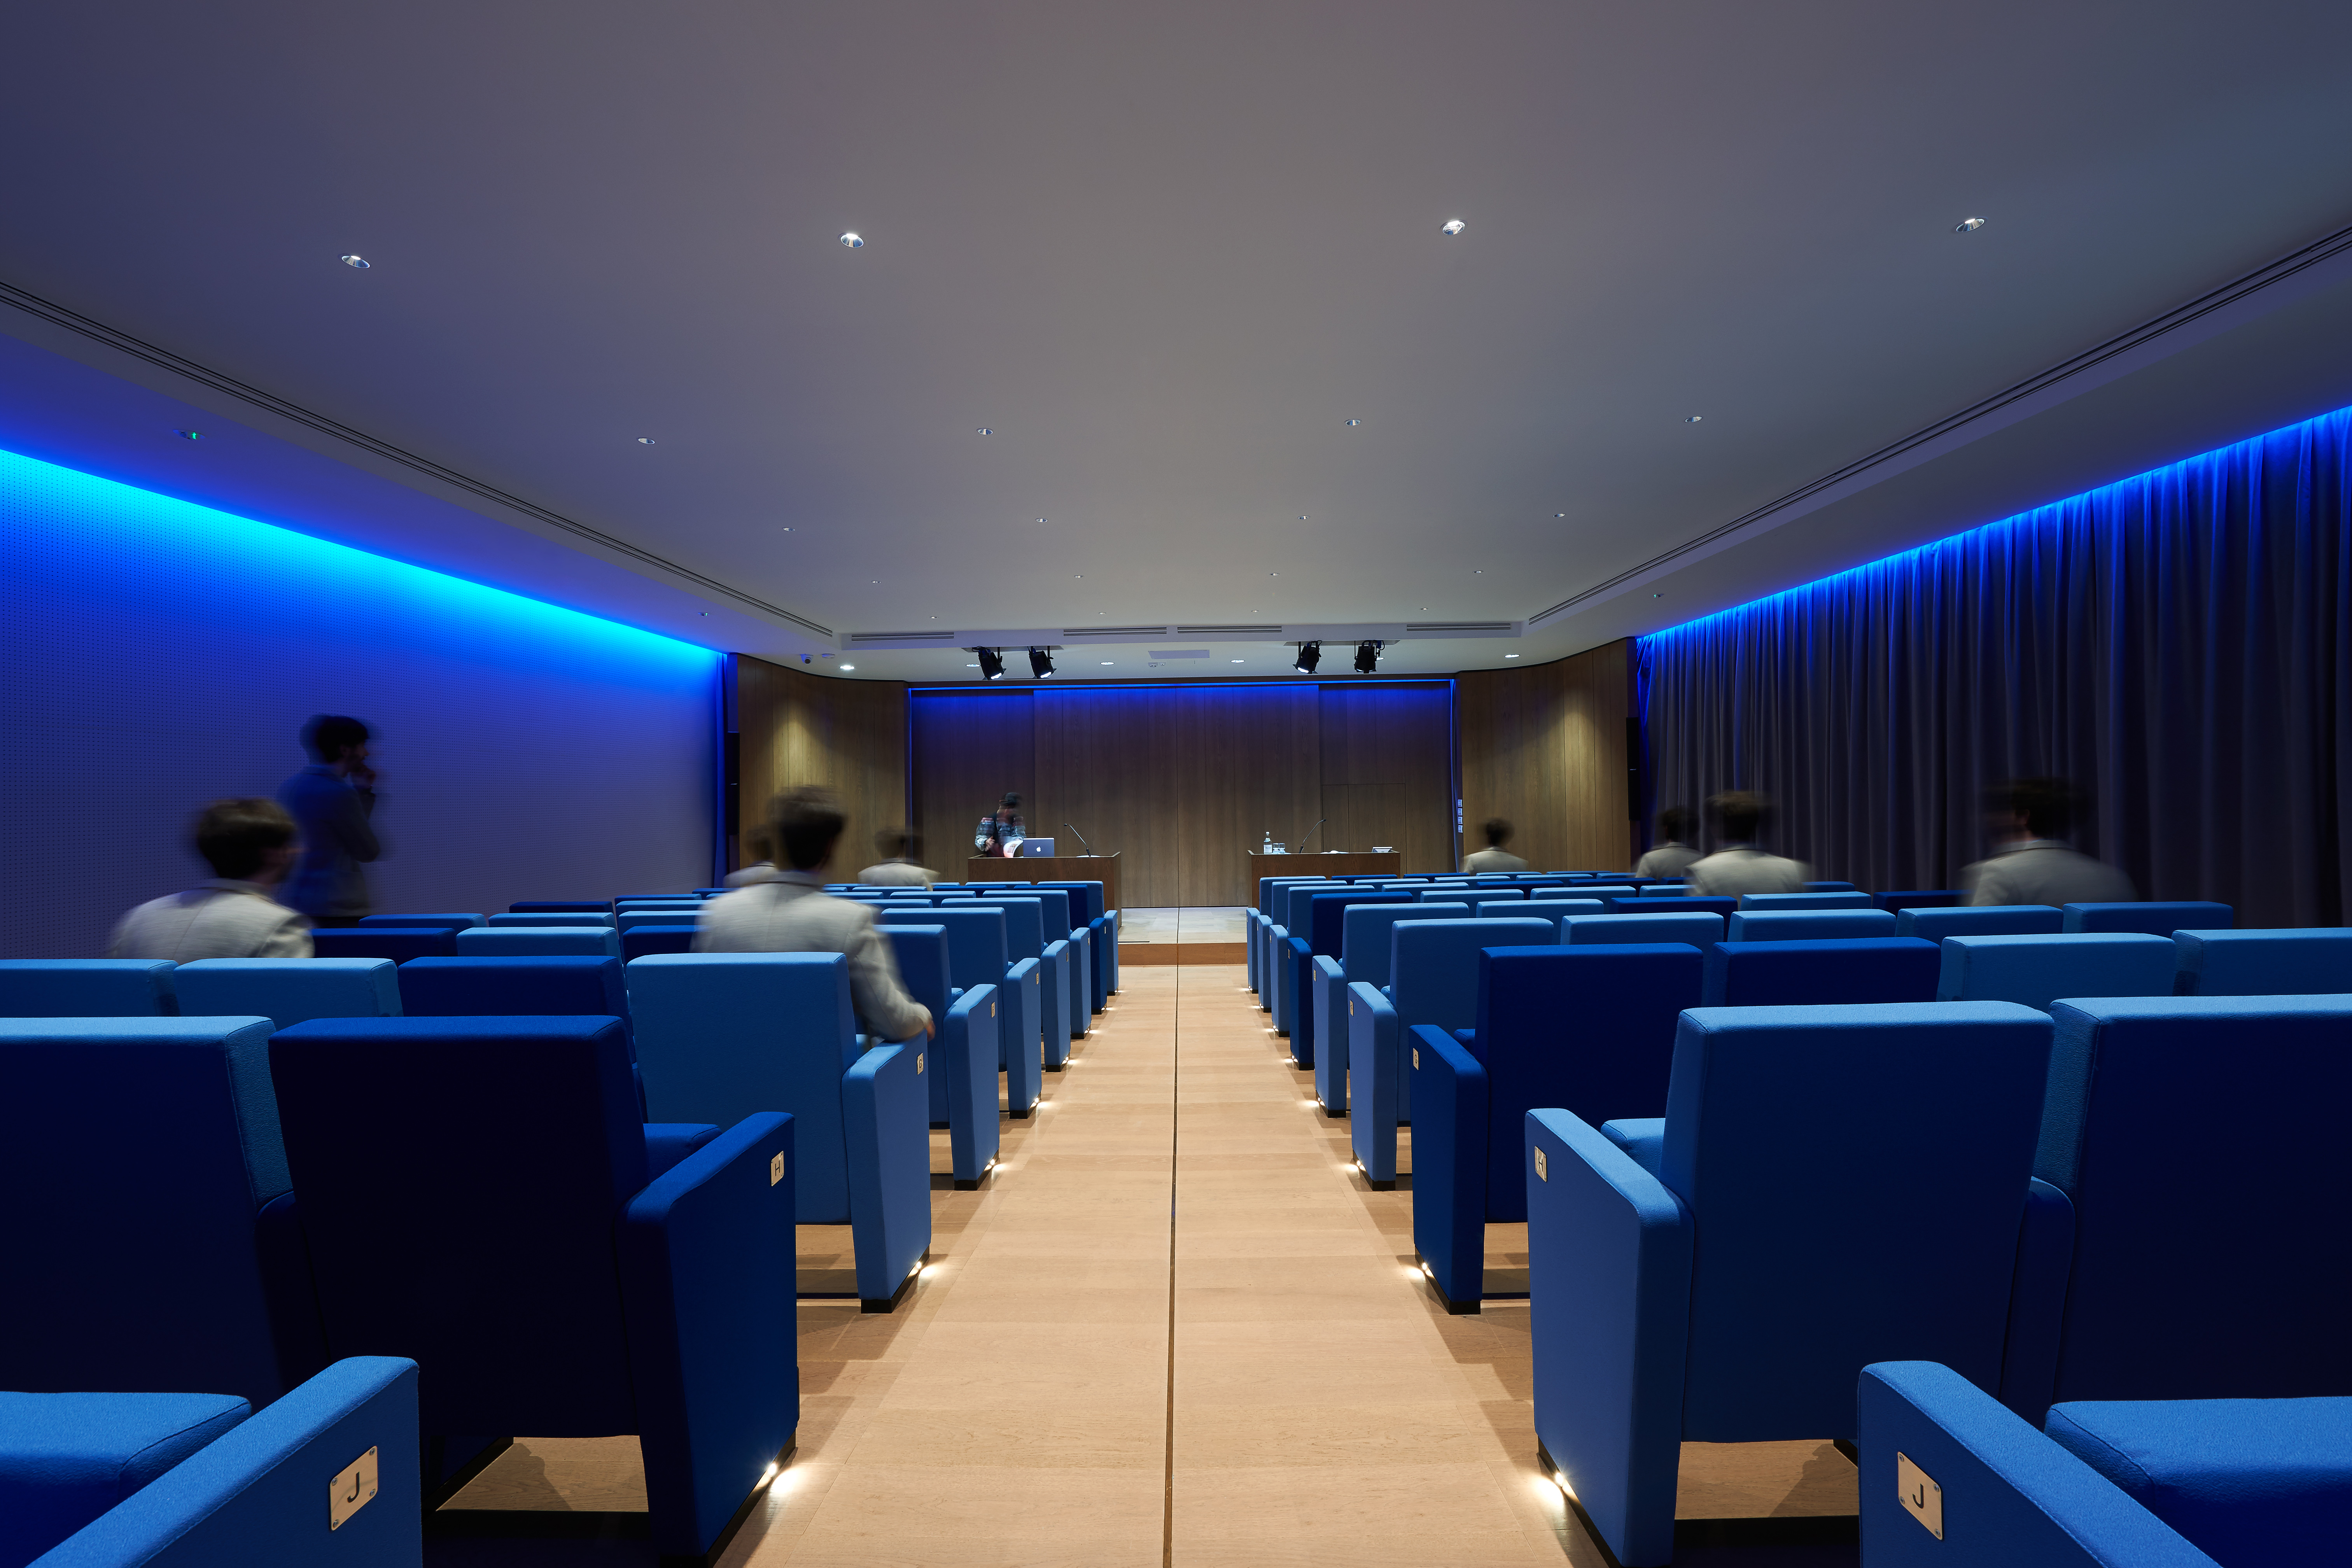 Altra immagine dell'Auditorium